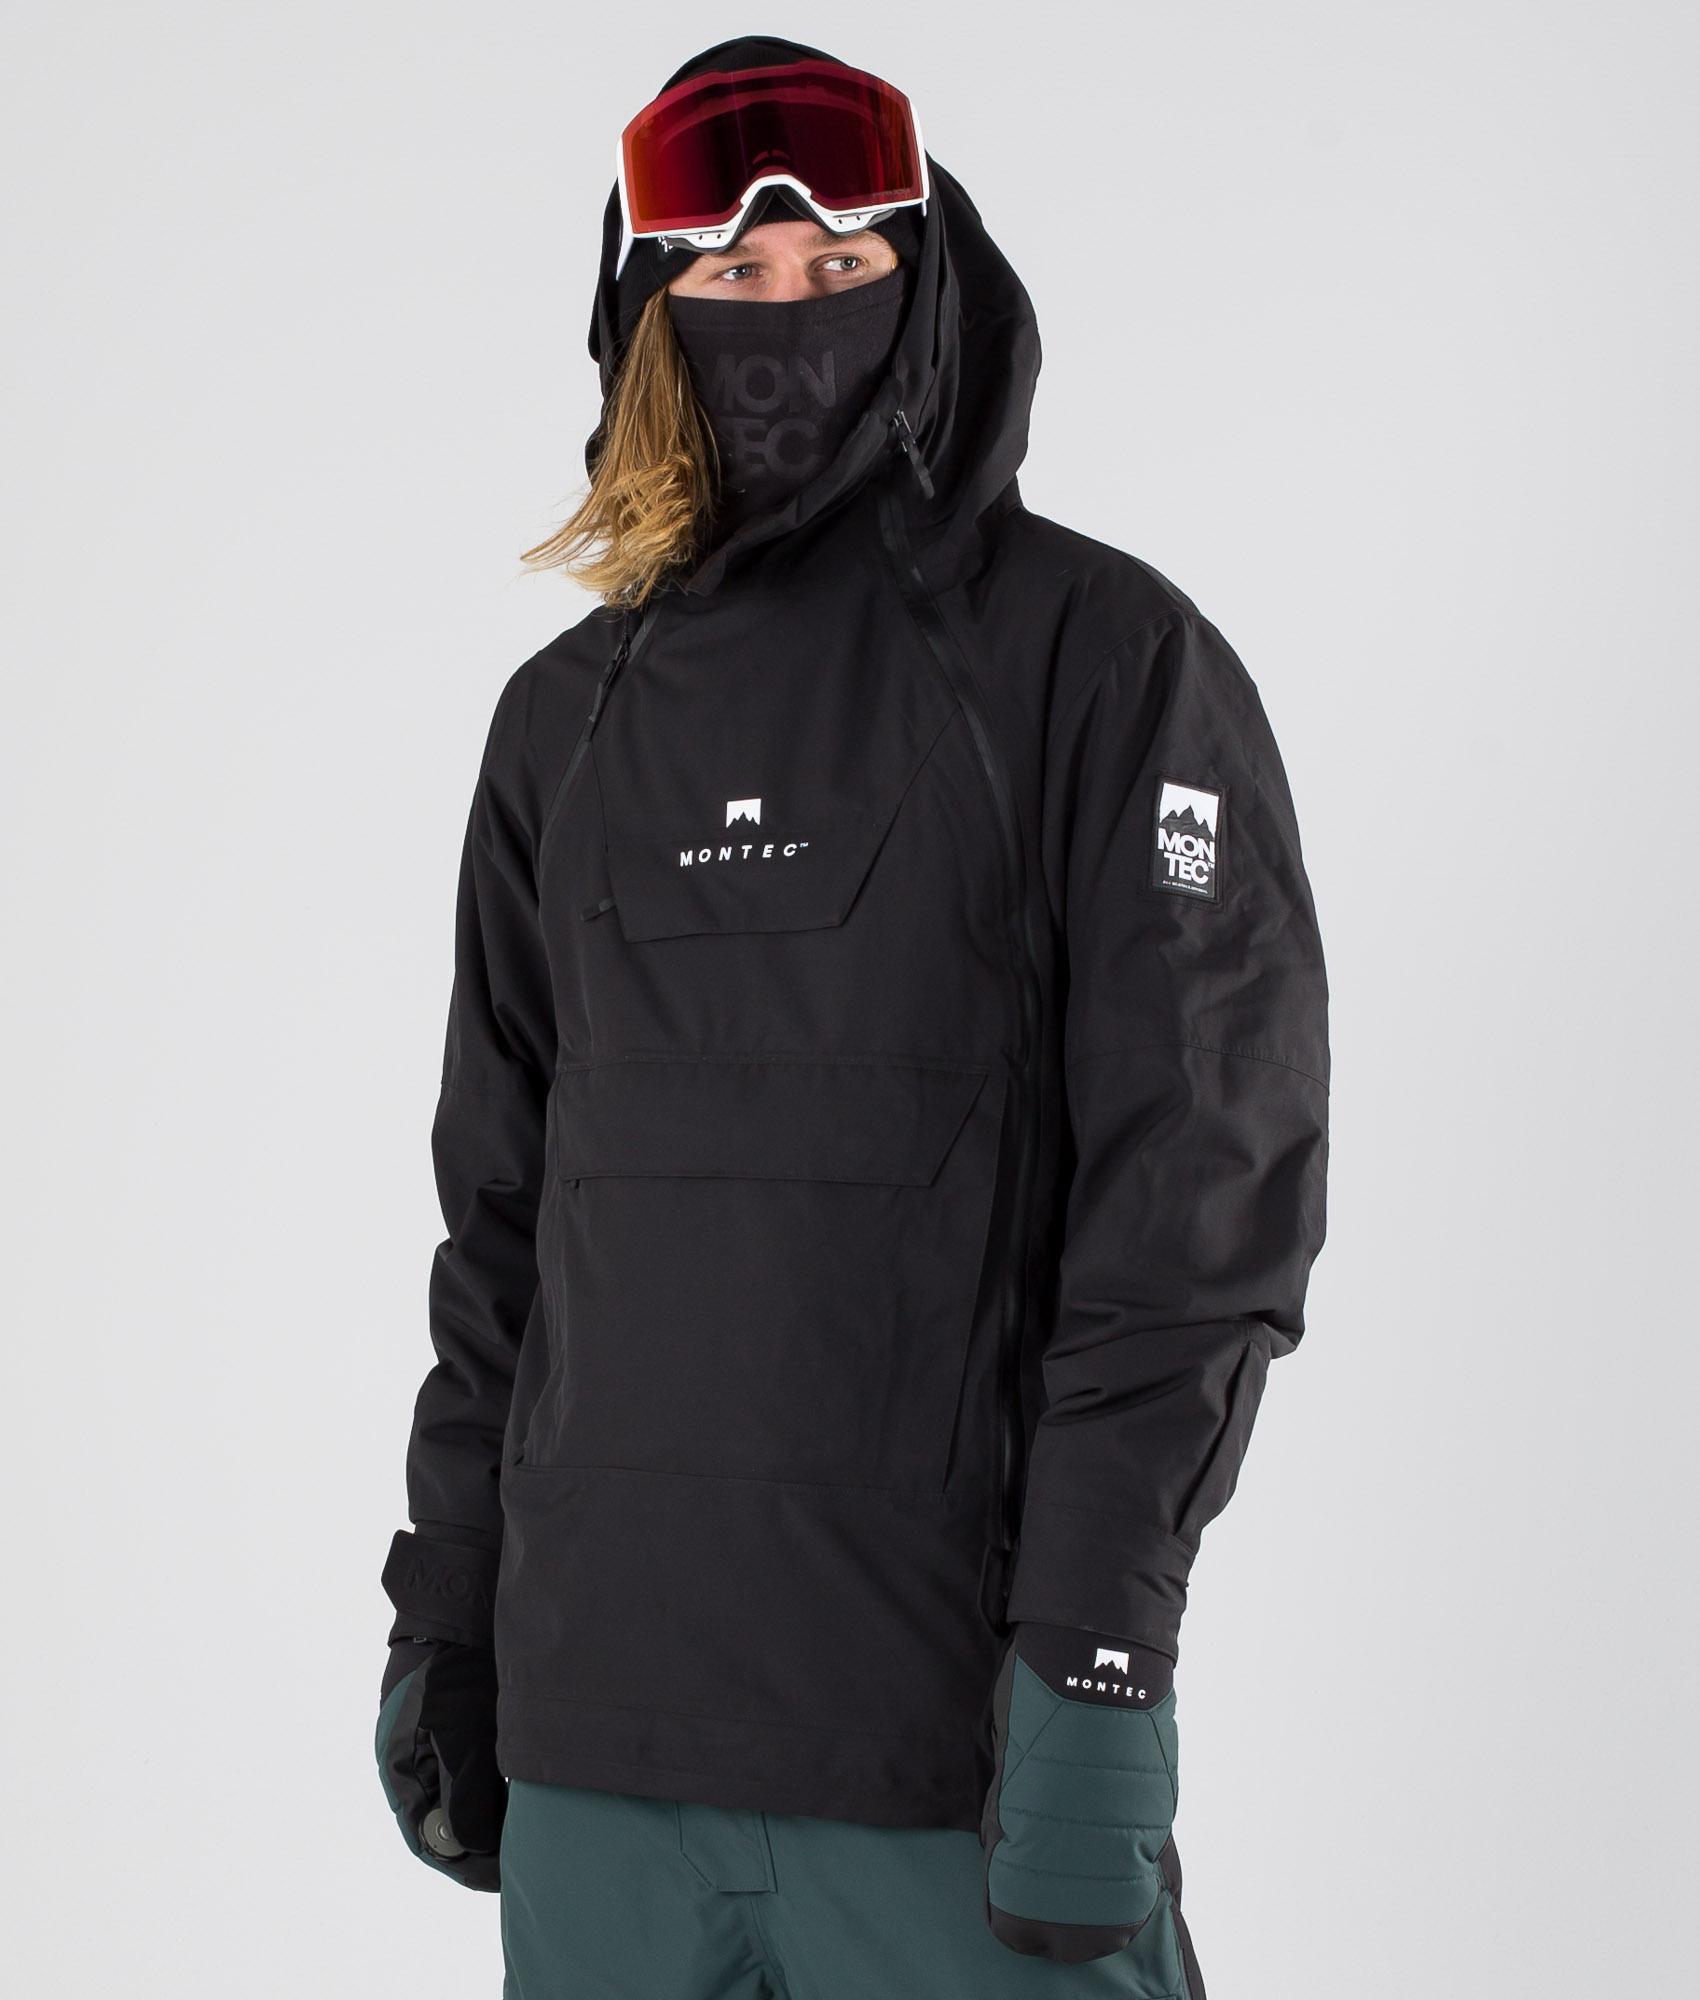 Montec Doom Snowboardjakke Red Ridestore.no